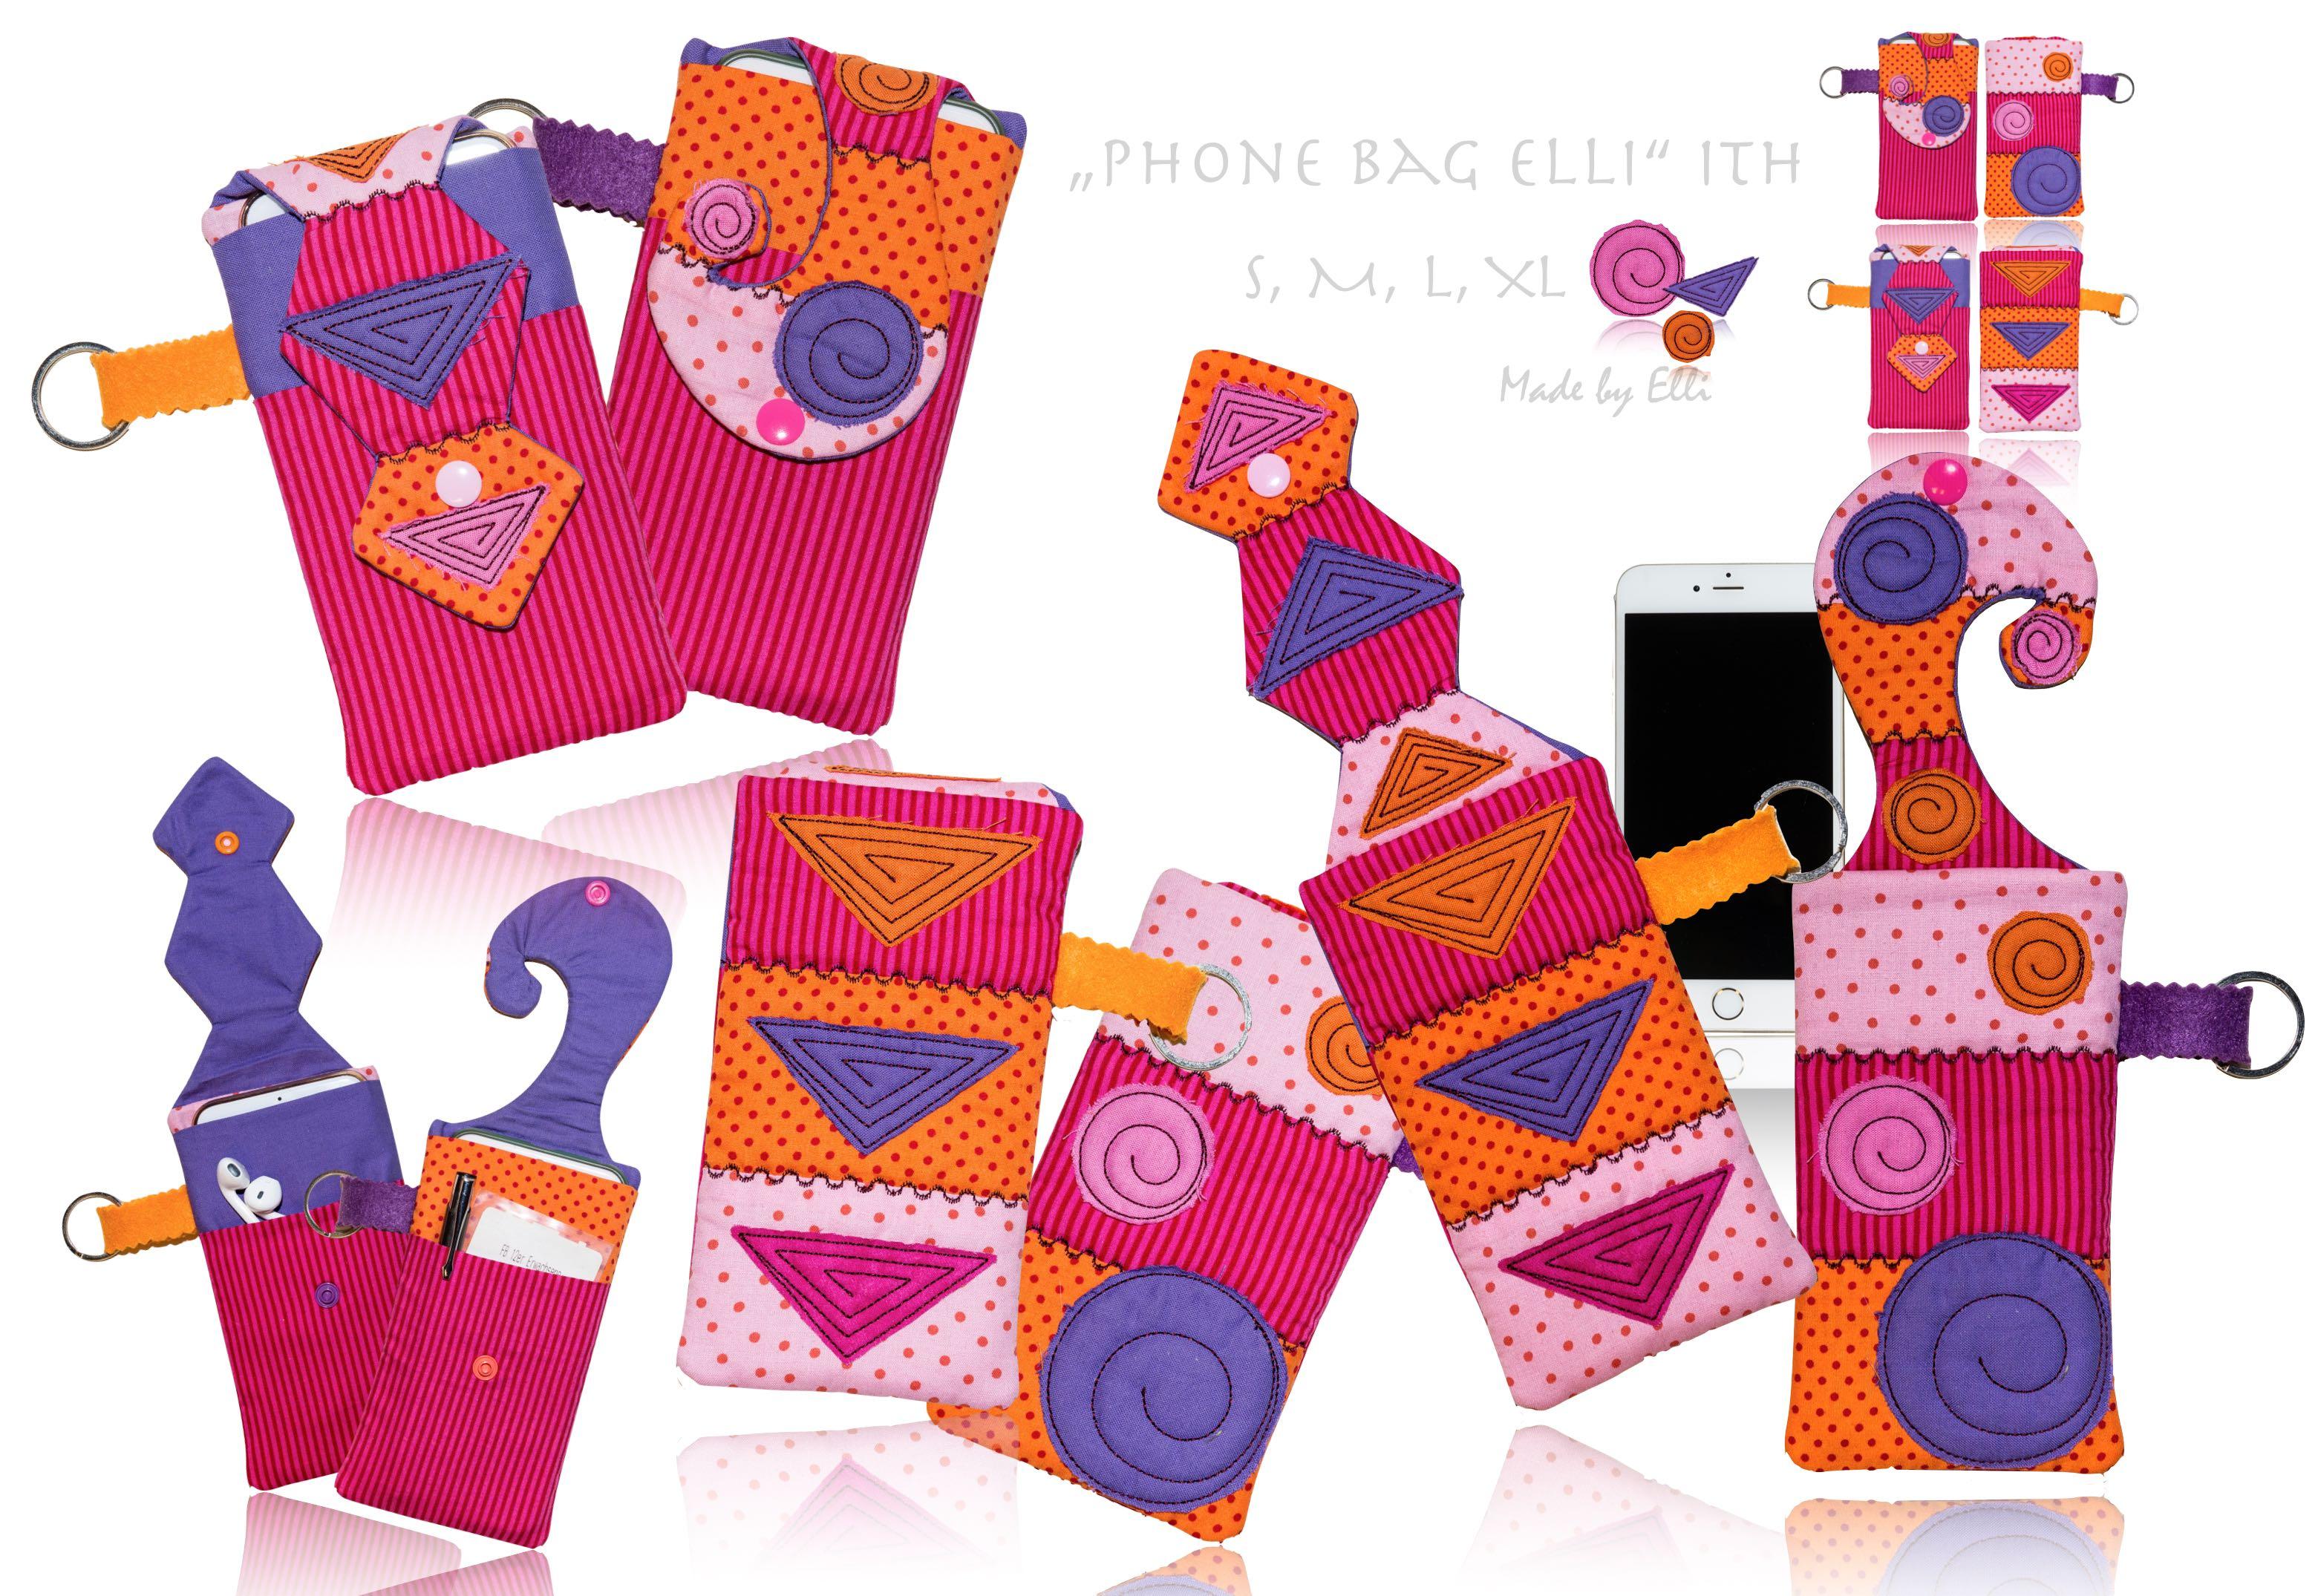 Phone Bag Elli